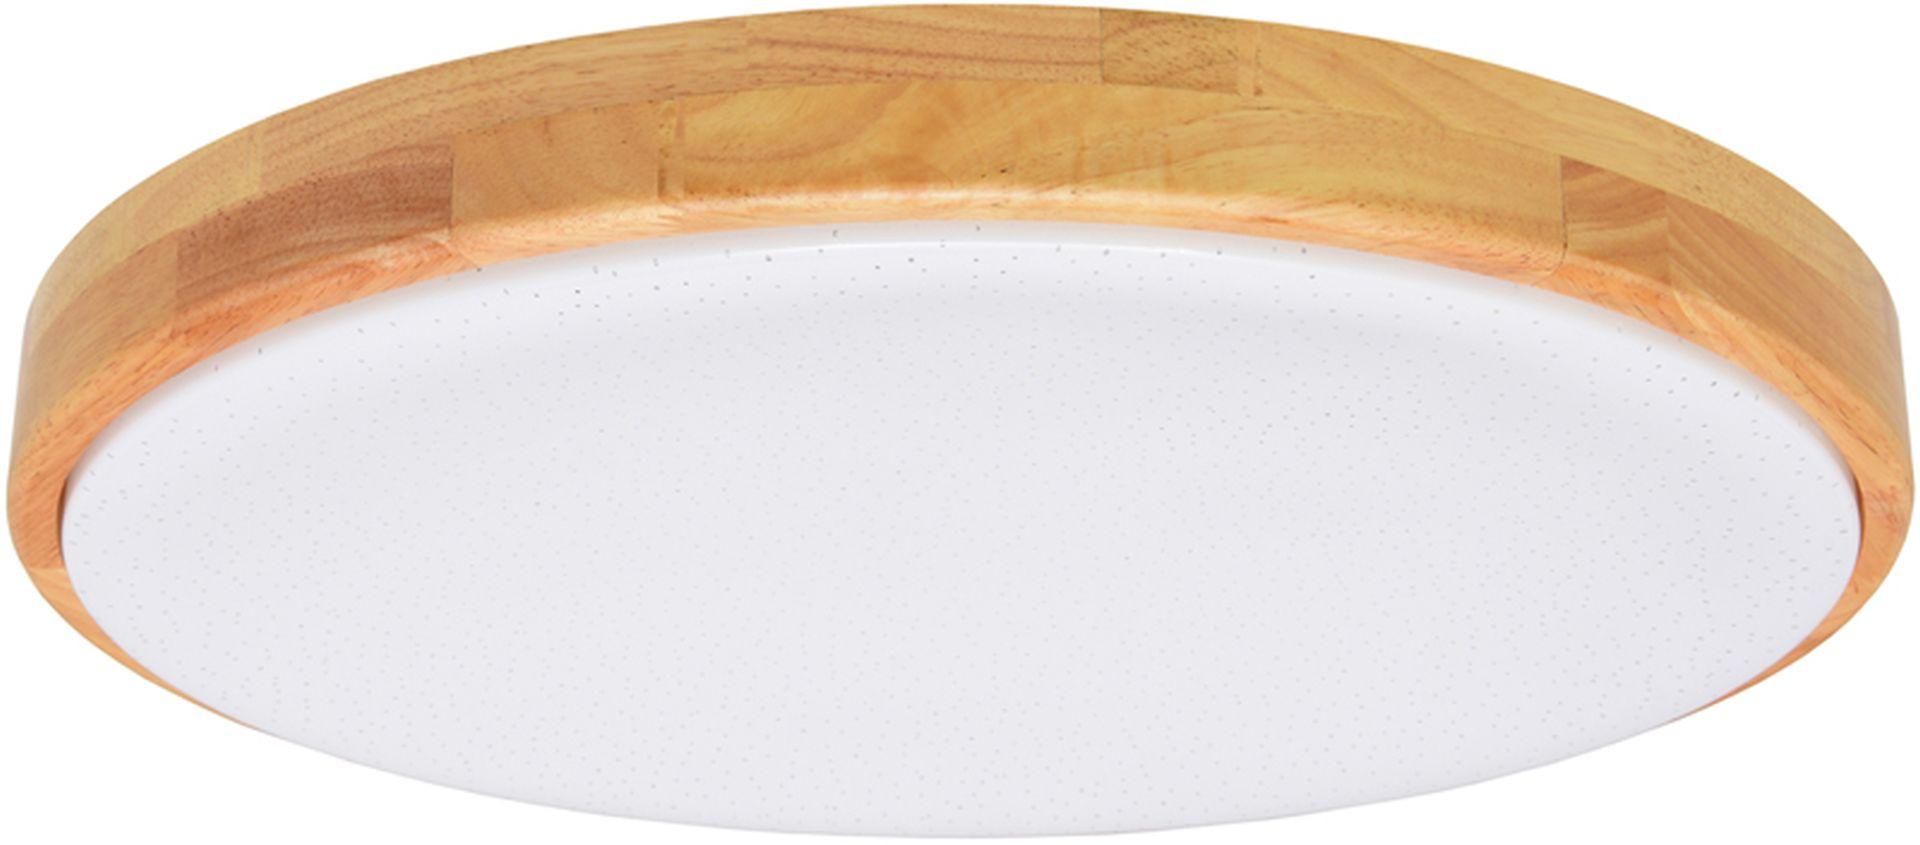 Ecolite LED stropné svietidlo 80W so svetlým dreveným rámčekom WLD600-80W/LED/SD